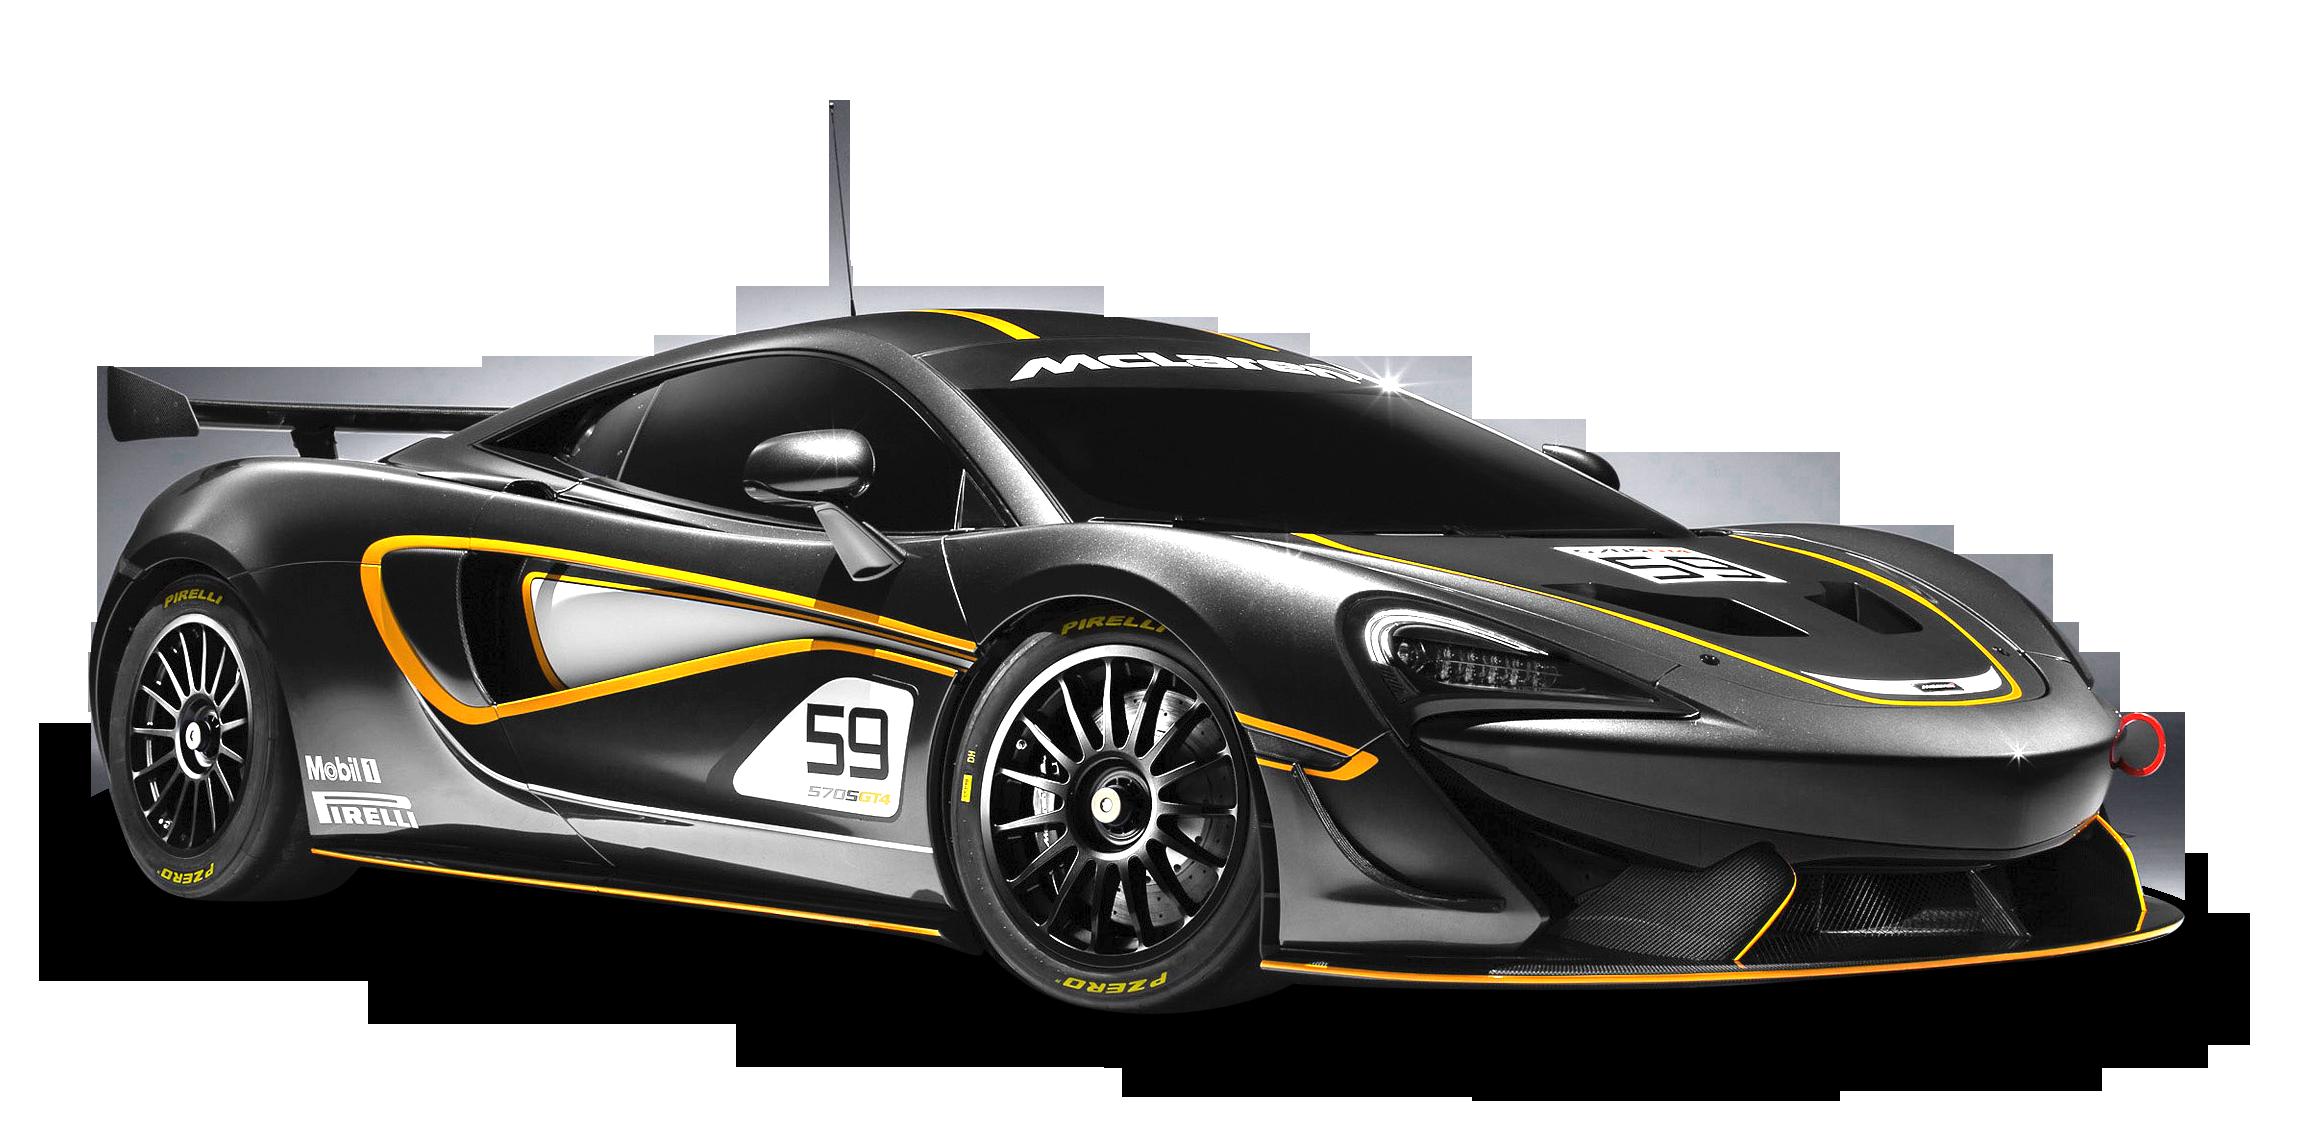 Racing Car PNG Images - PngPix